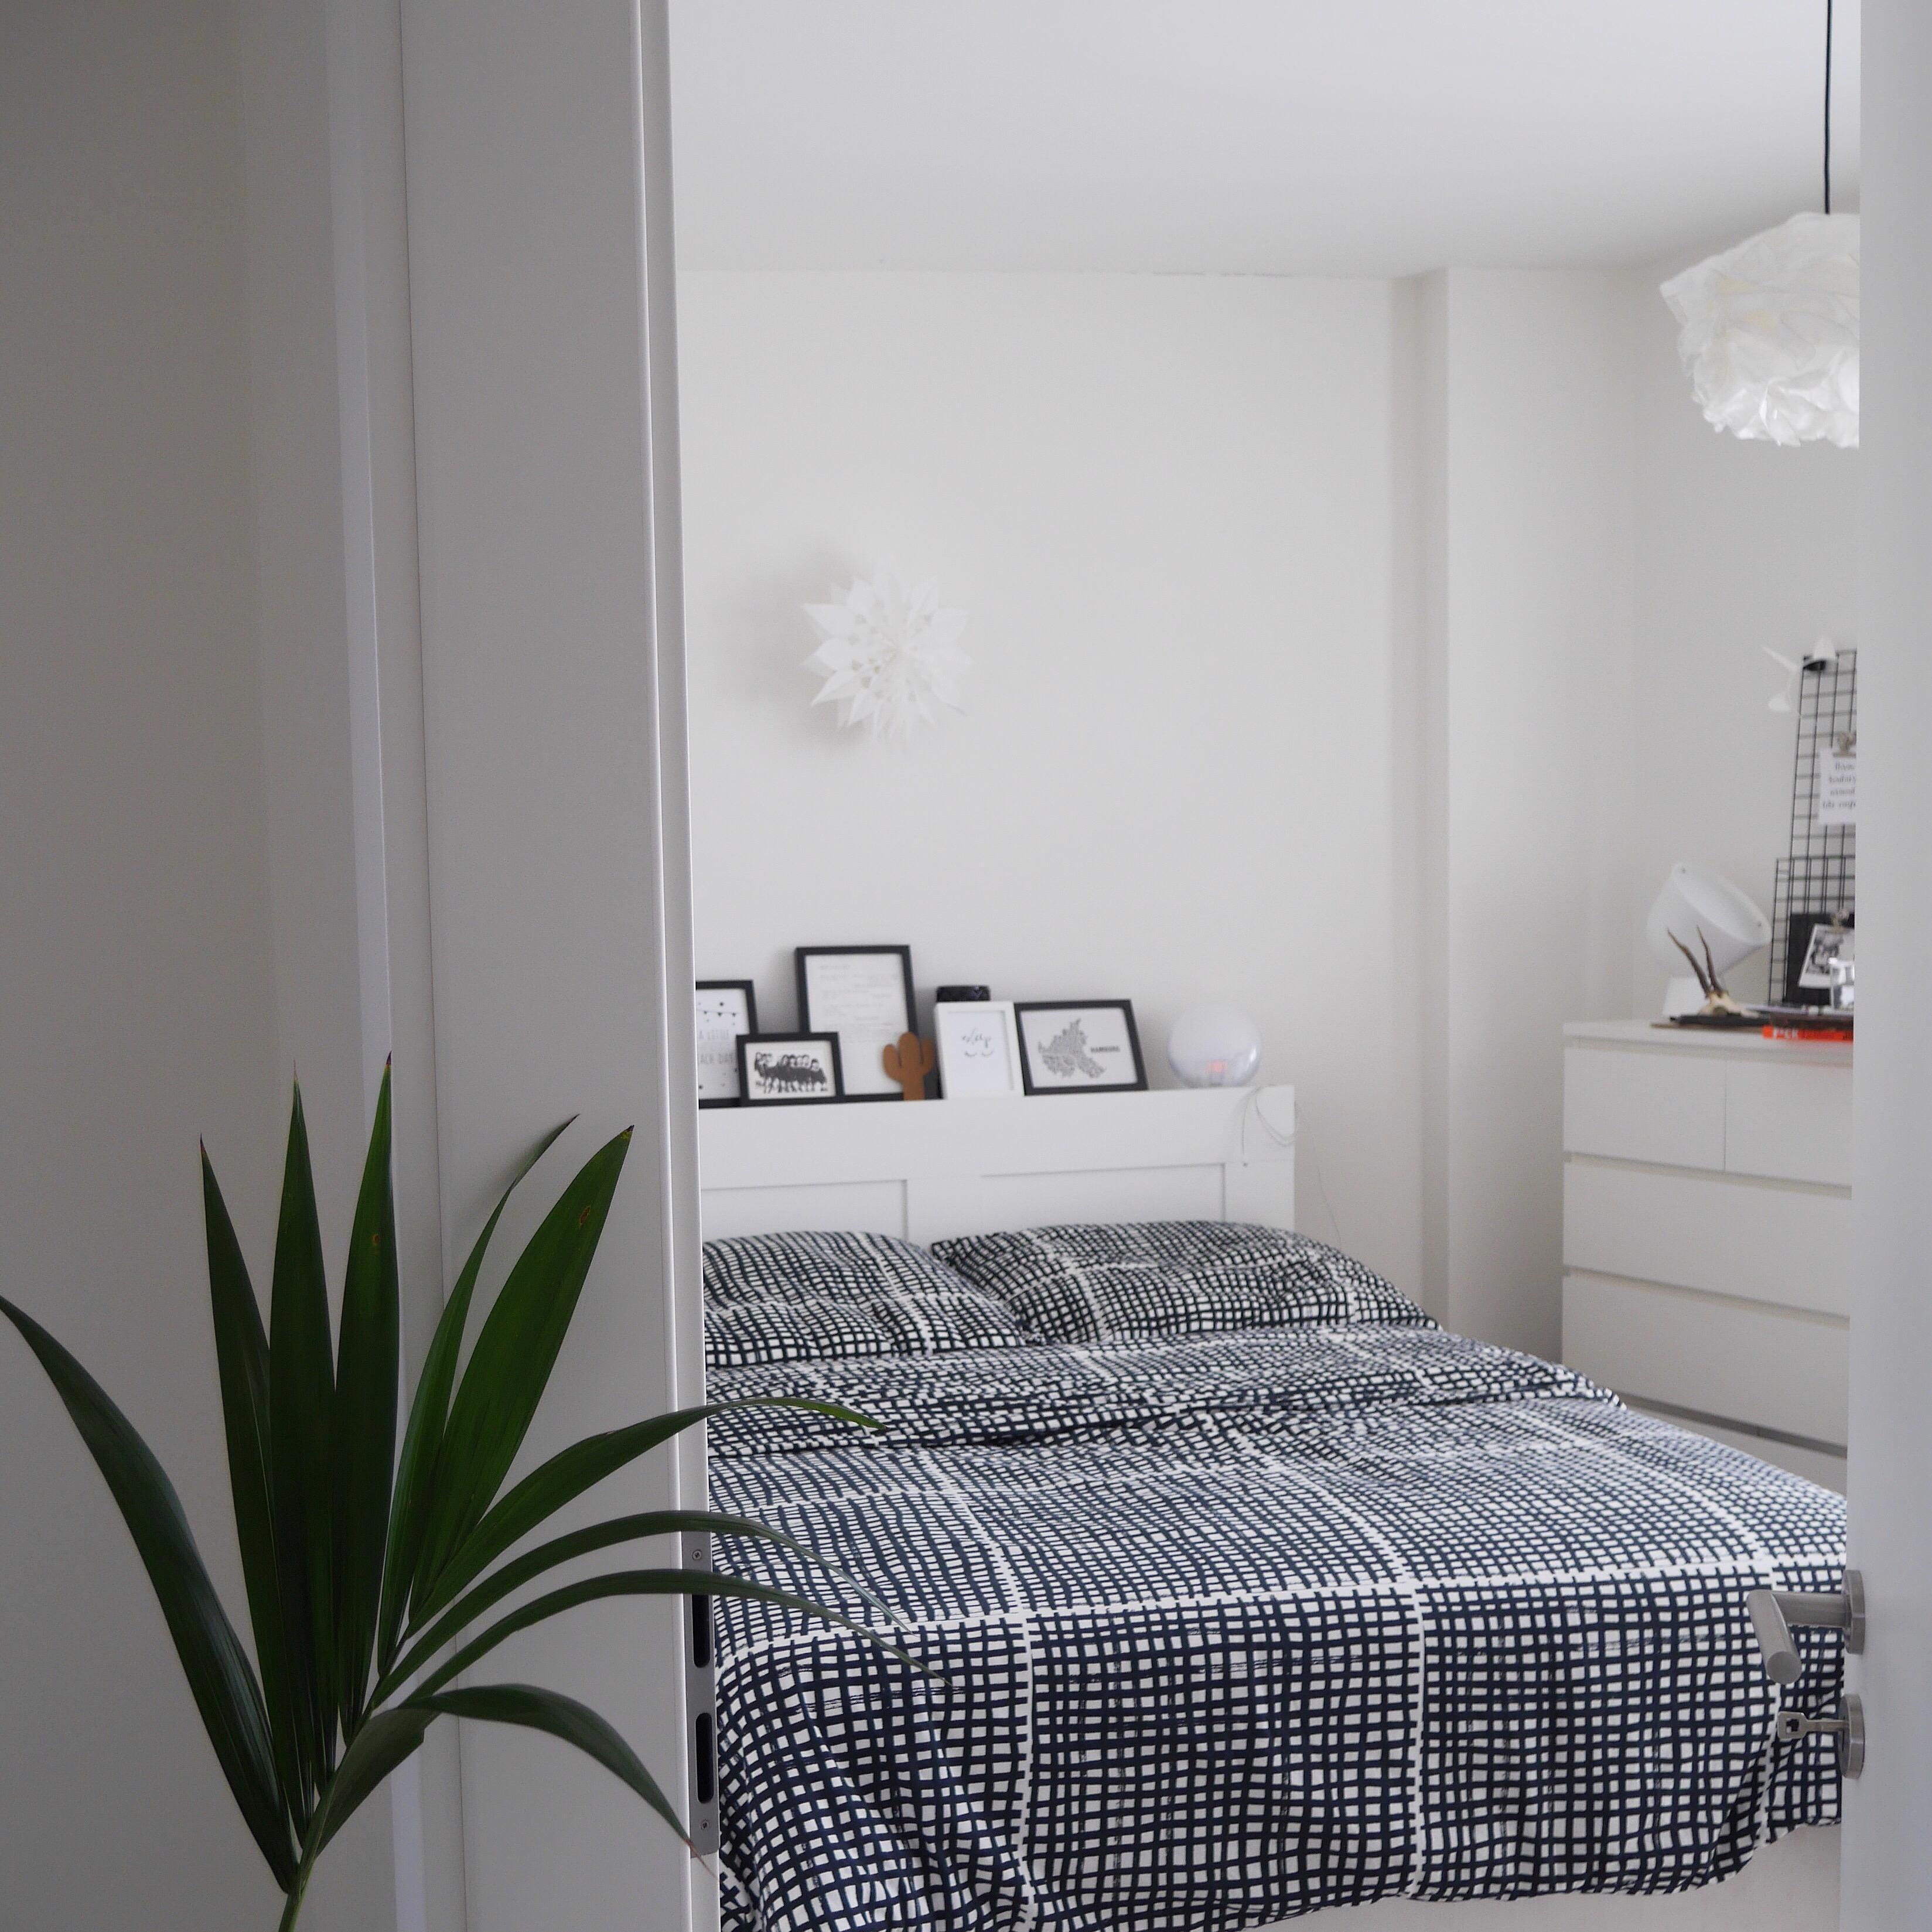 Hier Ein Kleiner Einblick Ins Schlafzimmer :) #bedroom #whiteinterior  #blackandwhite #interiordesign